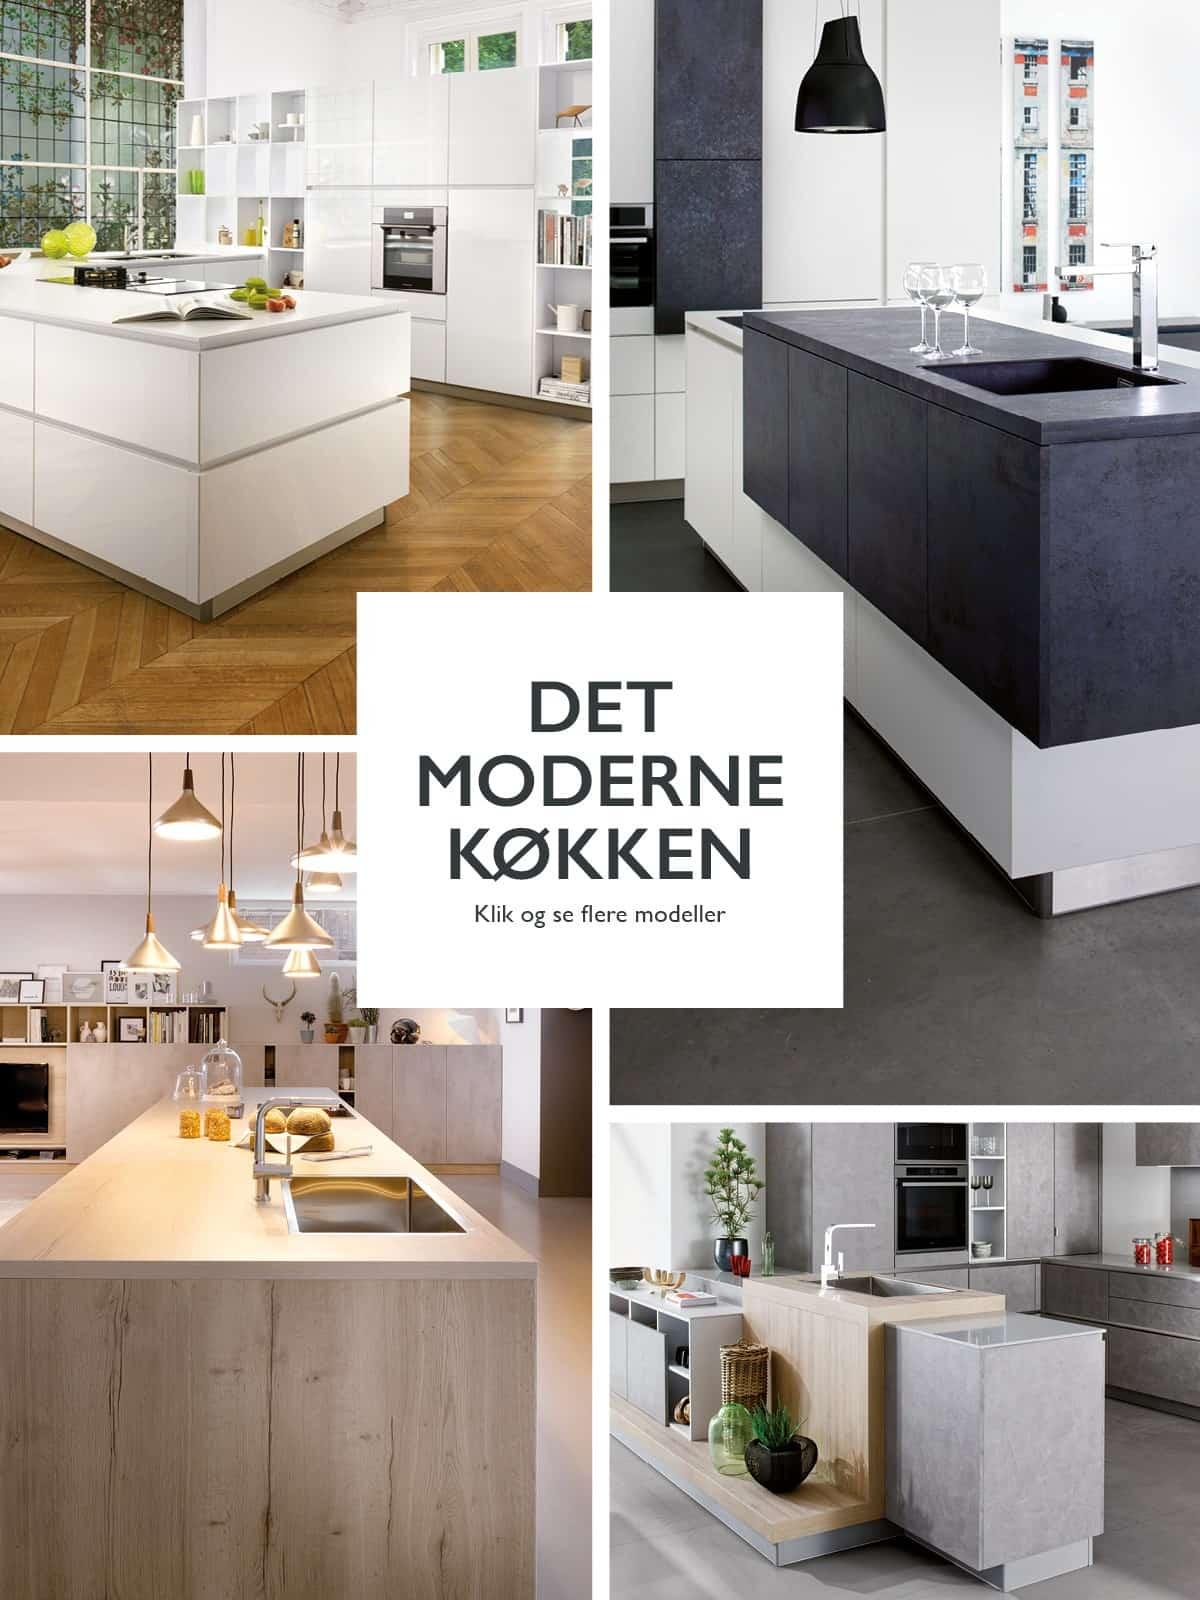 Det moderne køkken hos Schmidt